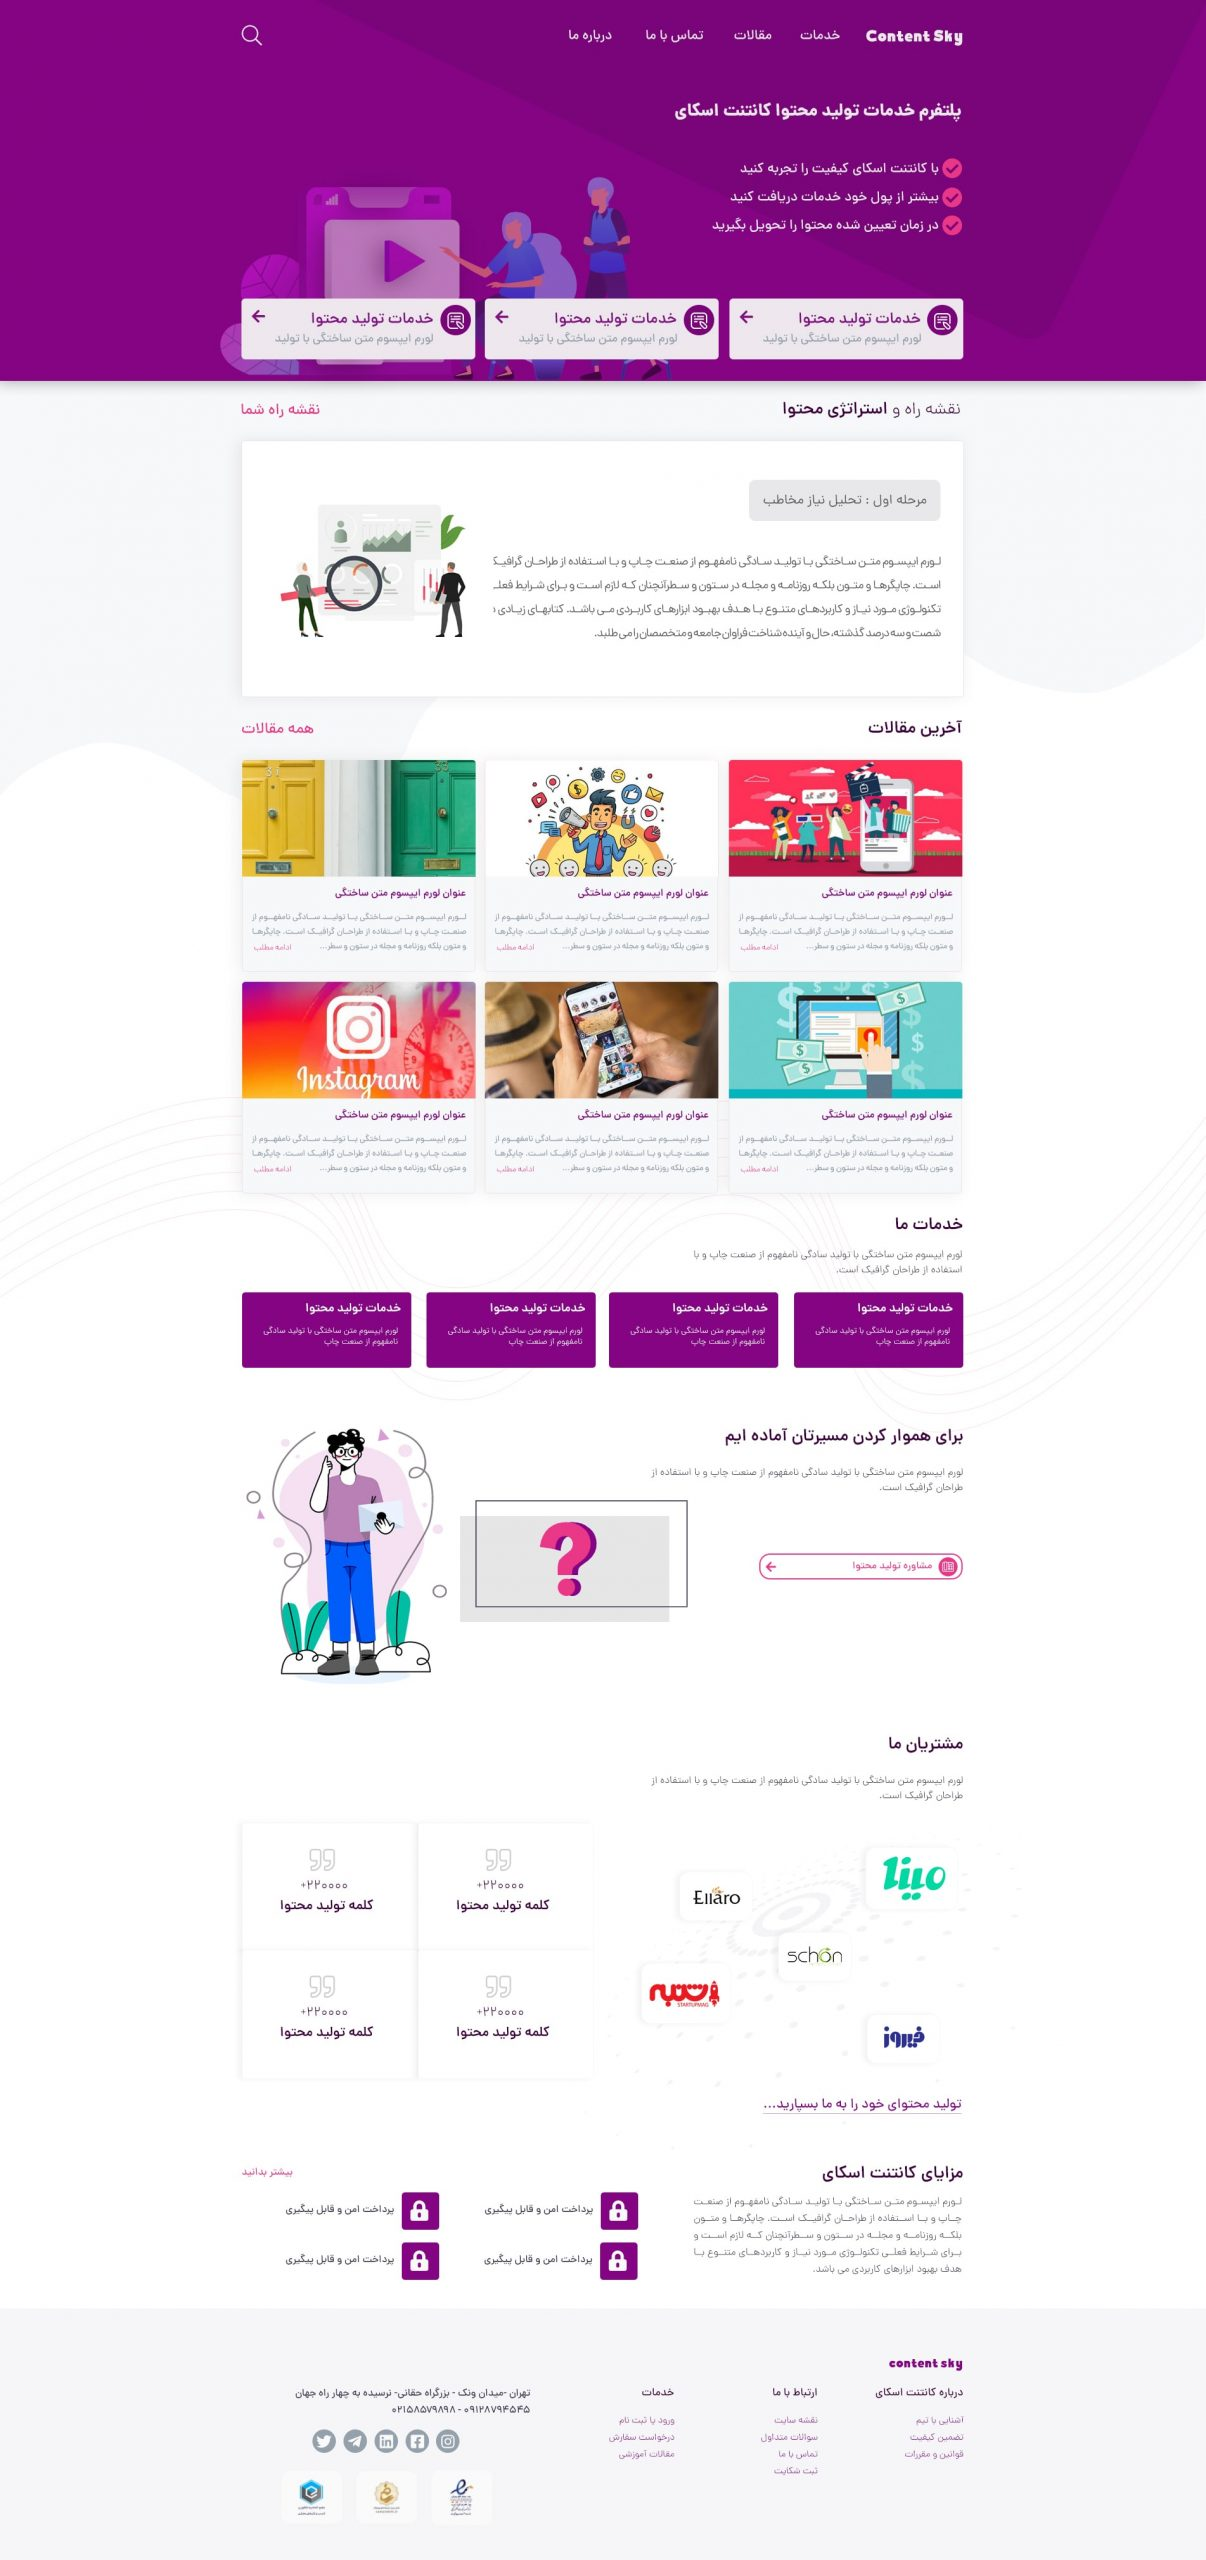 طراحی سایت آموزشی,طراحی سایت تولید محتوا,طراحی سایت در قم